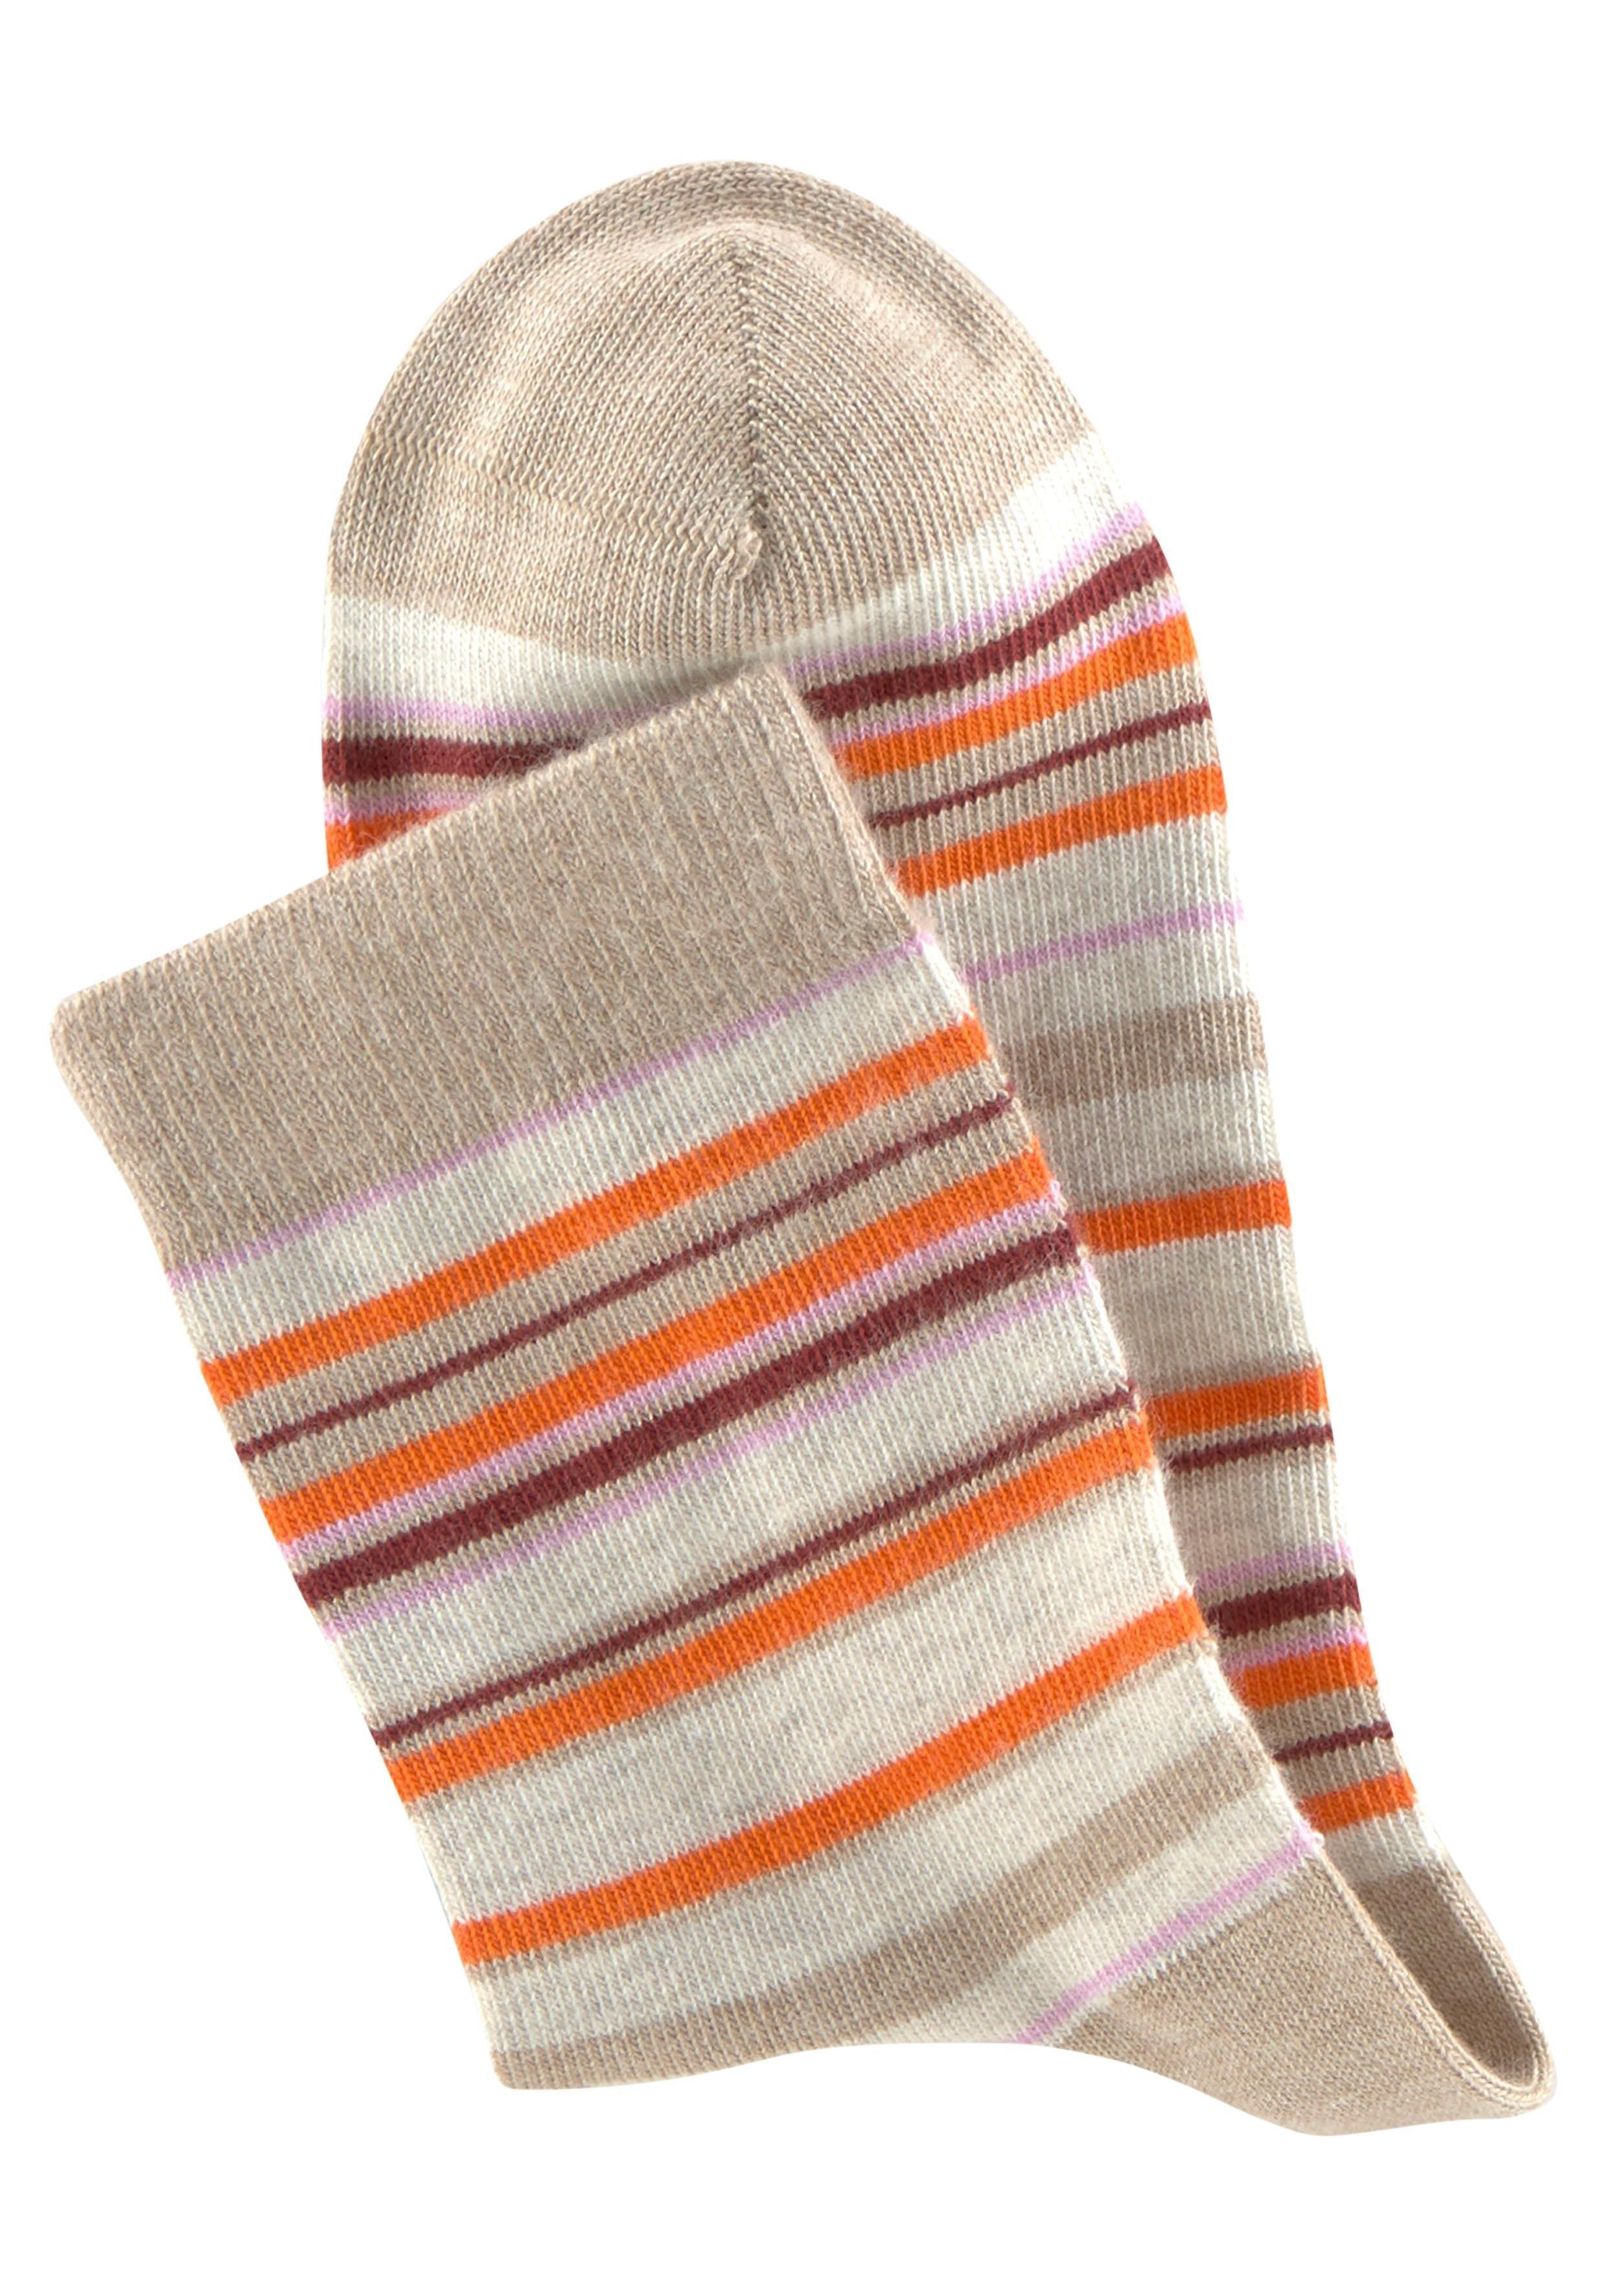 H.I.S sokken - gratis ruilen op lascana.nl